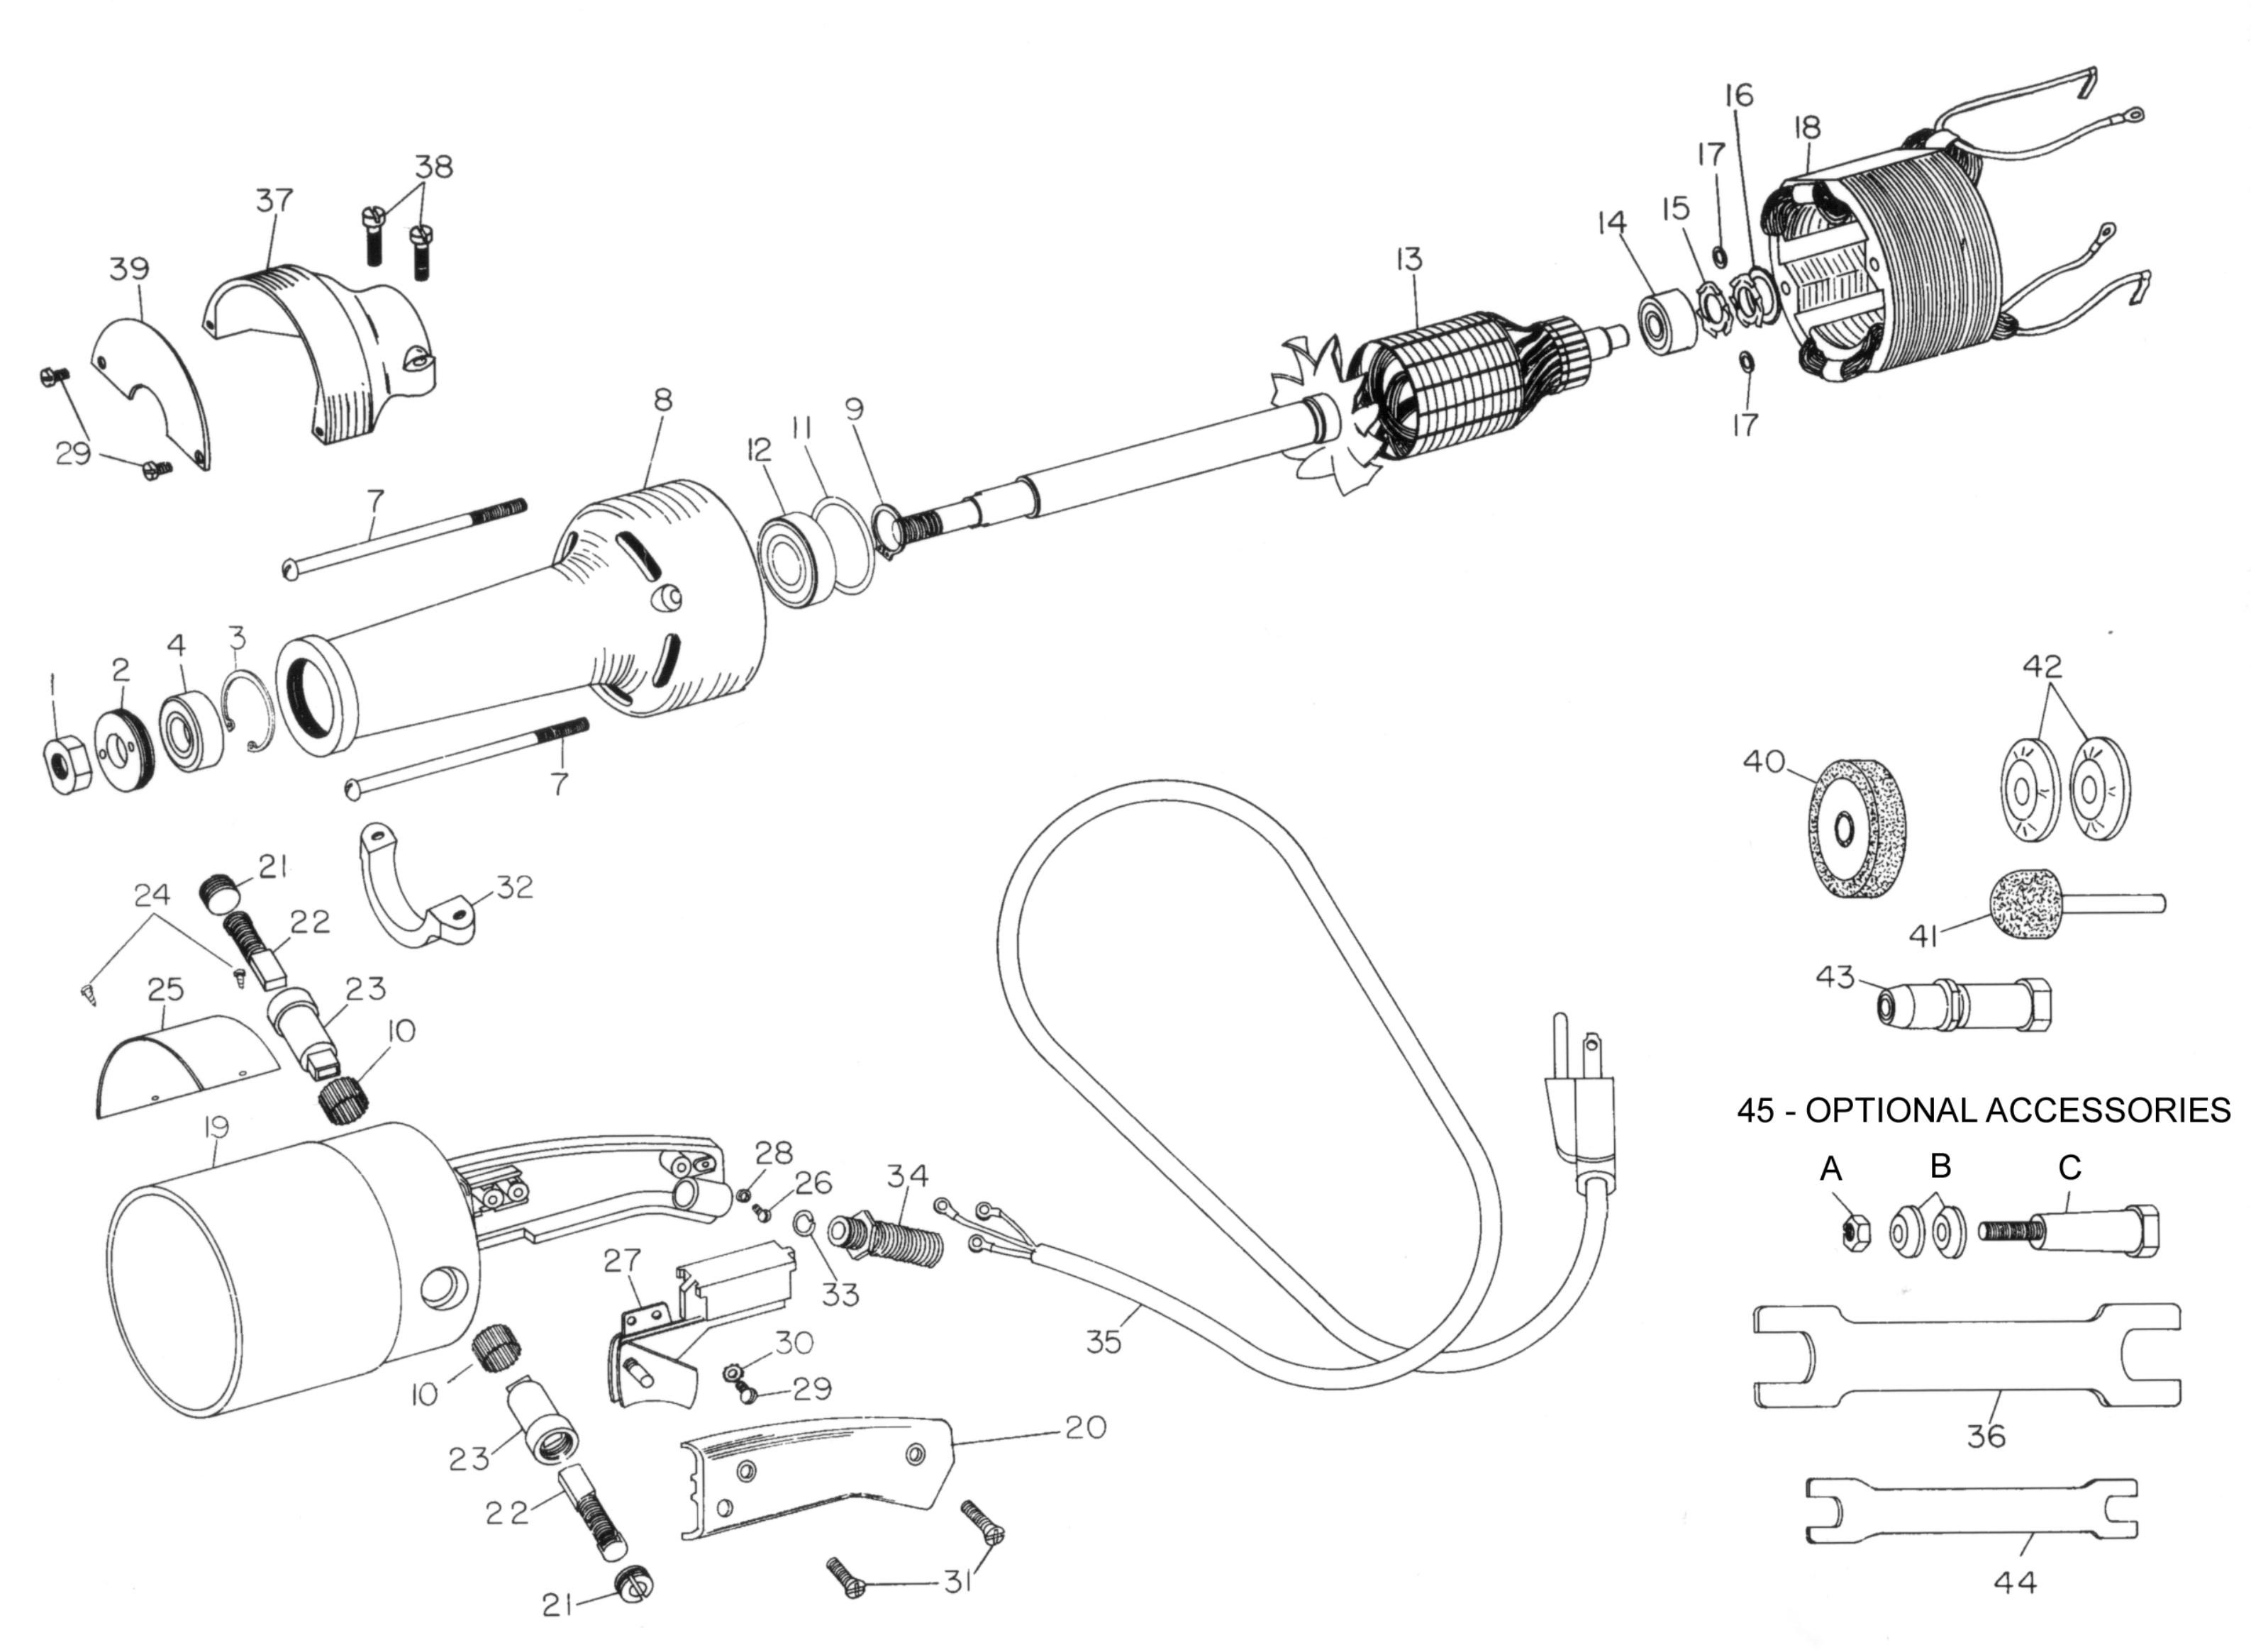 Bench Grinder Wiring Schematic